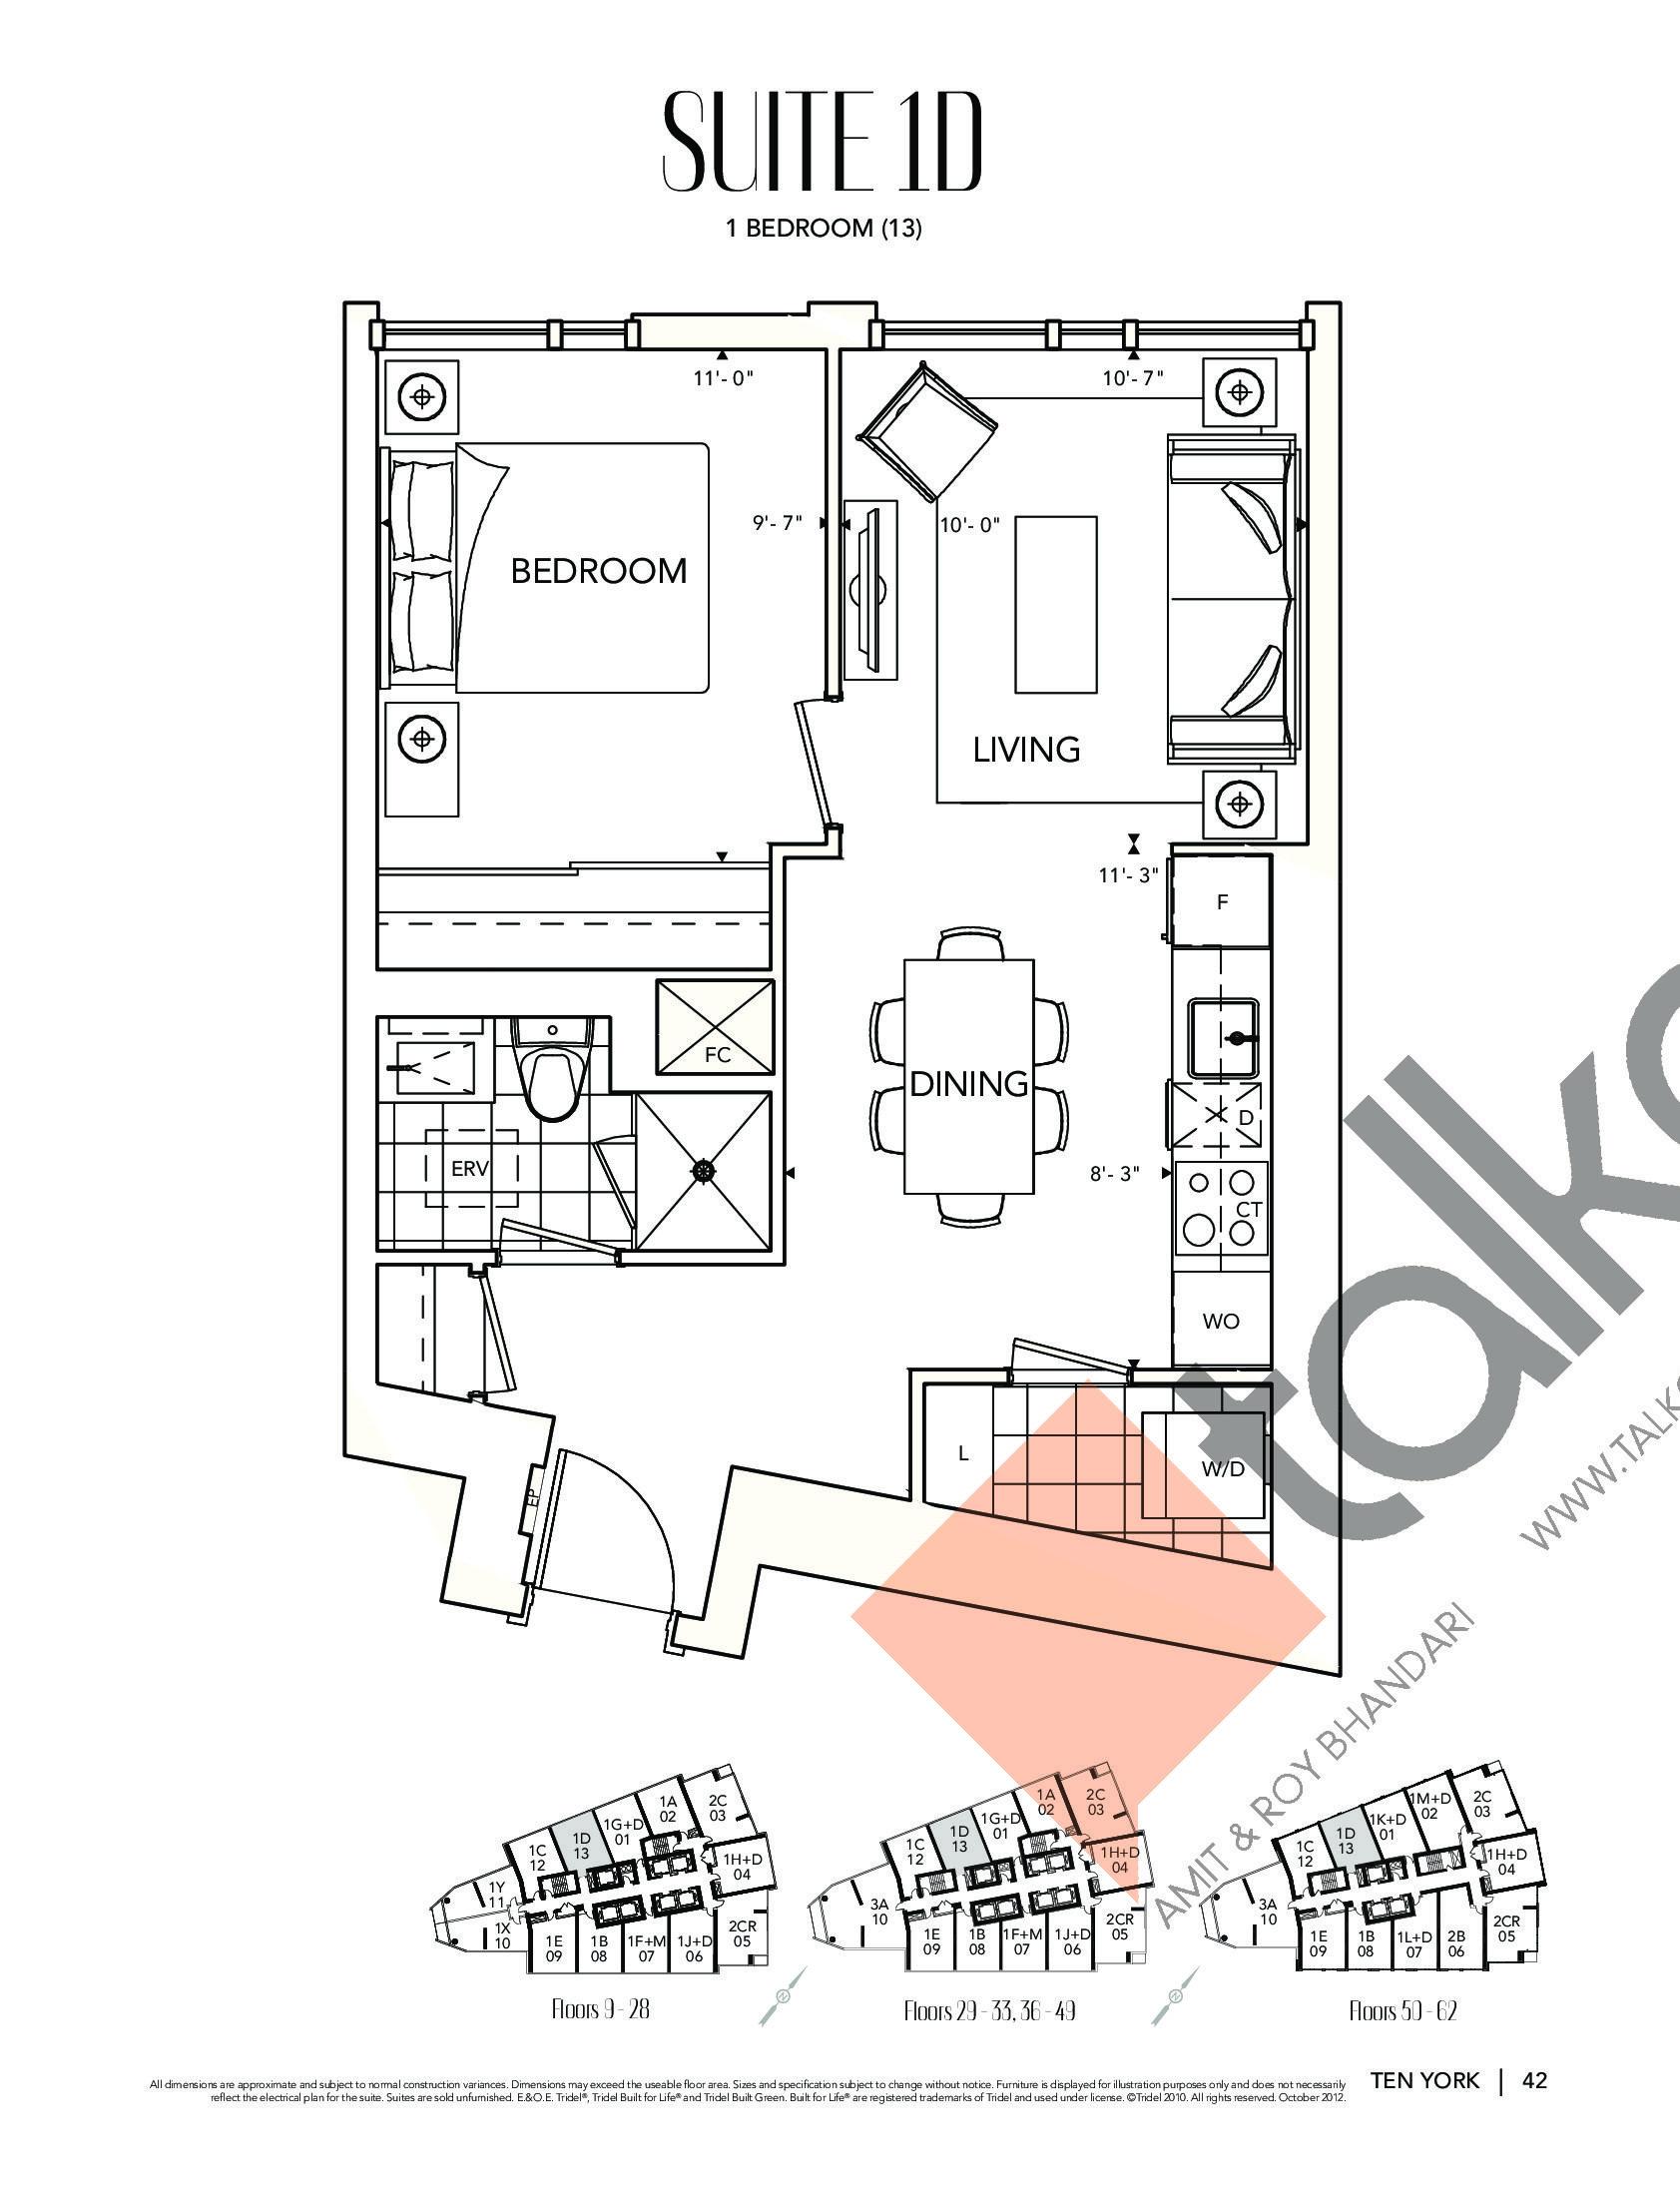 Suite 1D Floor Plan at Ten York Condos - 586 sq.ft